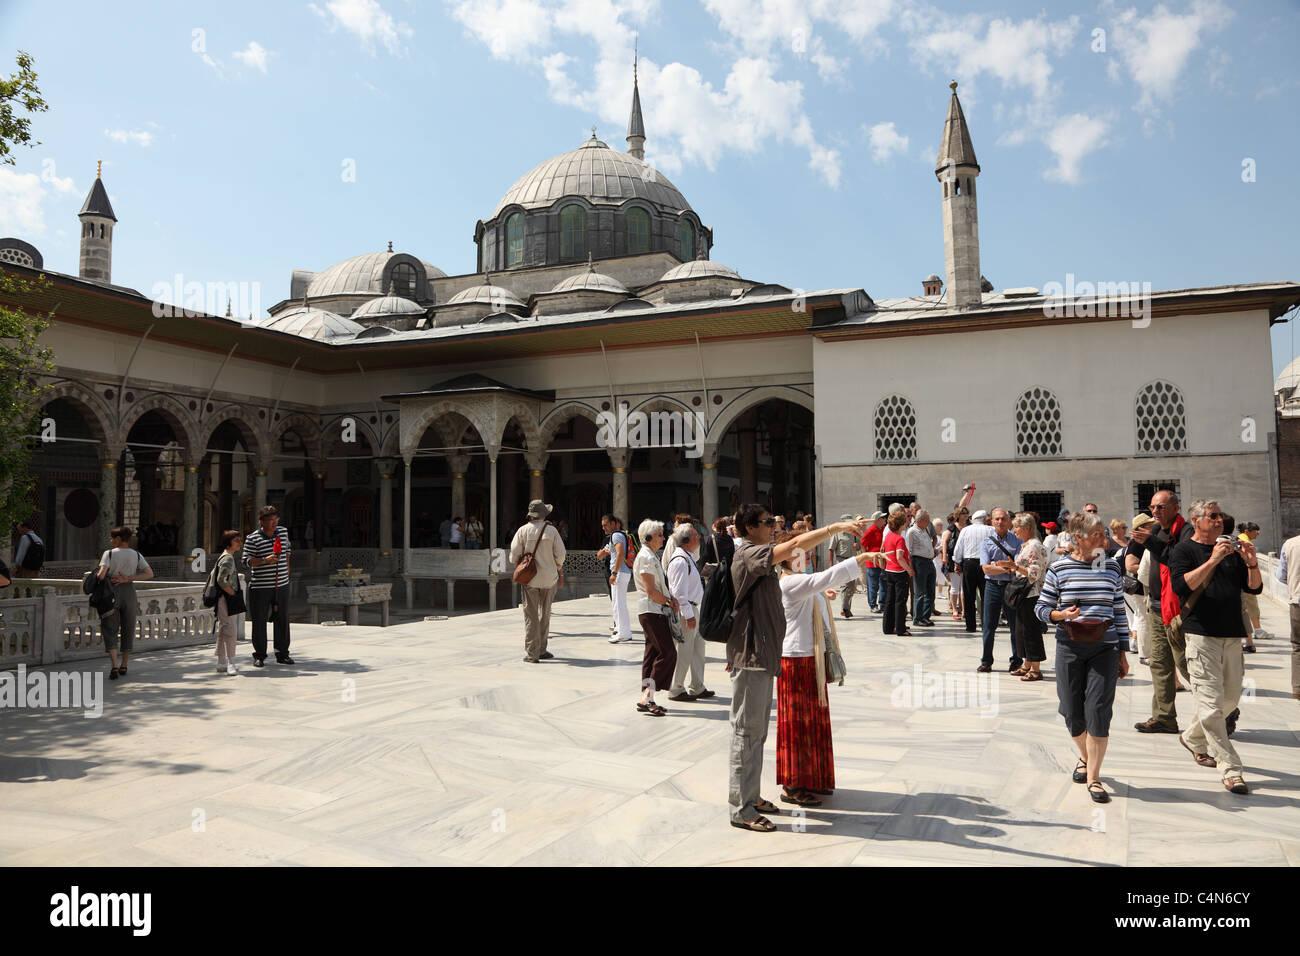 I turisti all'interno del Palazzo Topkapi Istanbul Turchia. Foto scattata a 25 Mai 2011 Immagini Stock